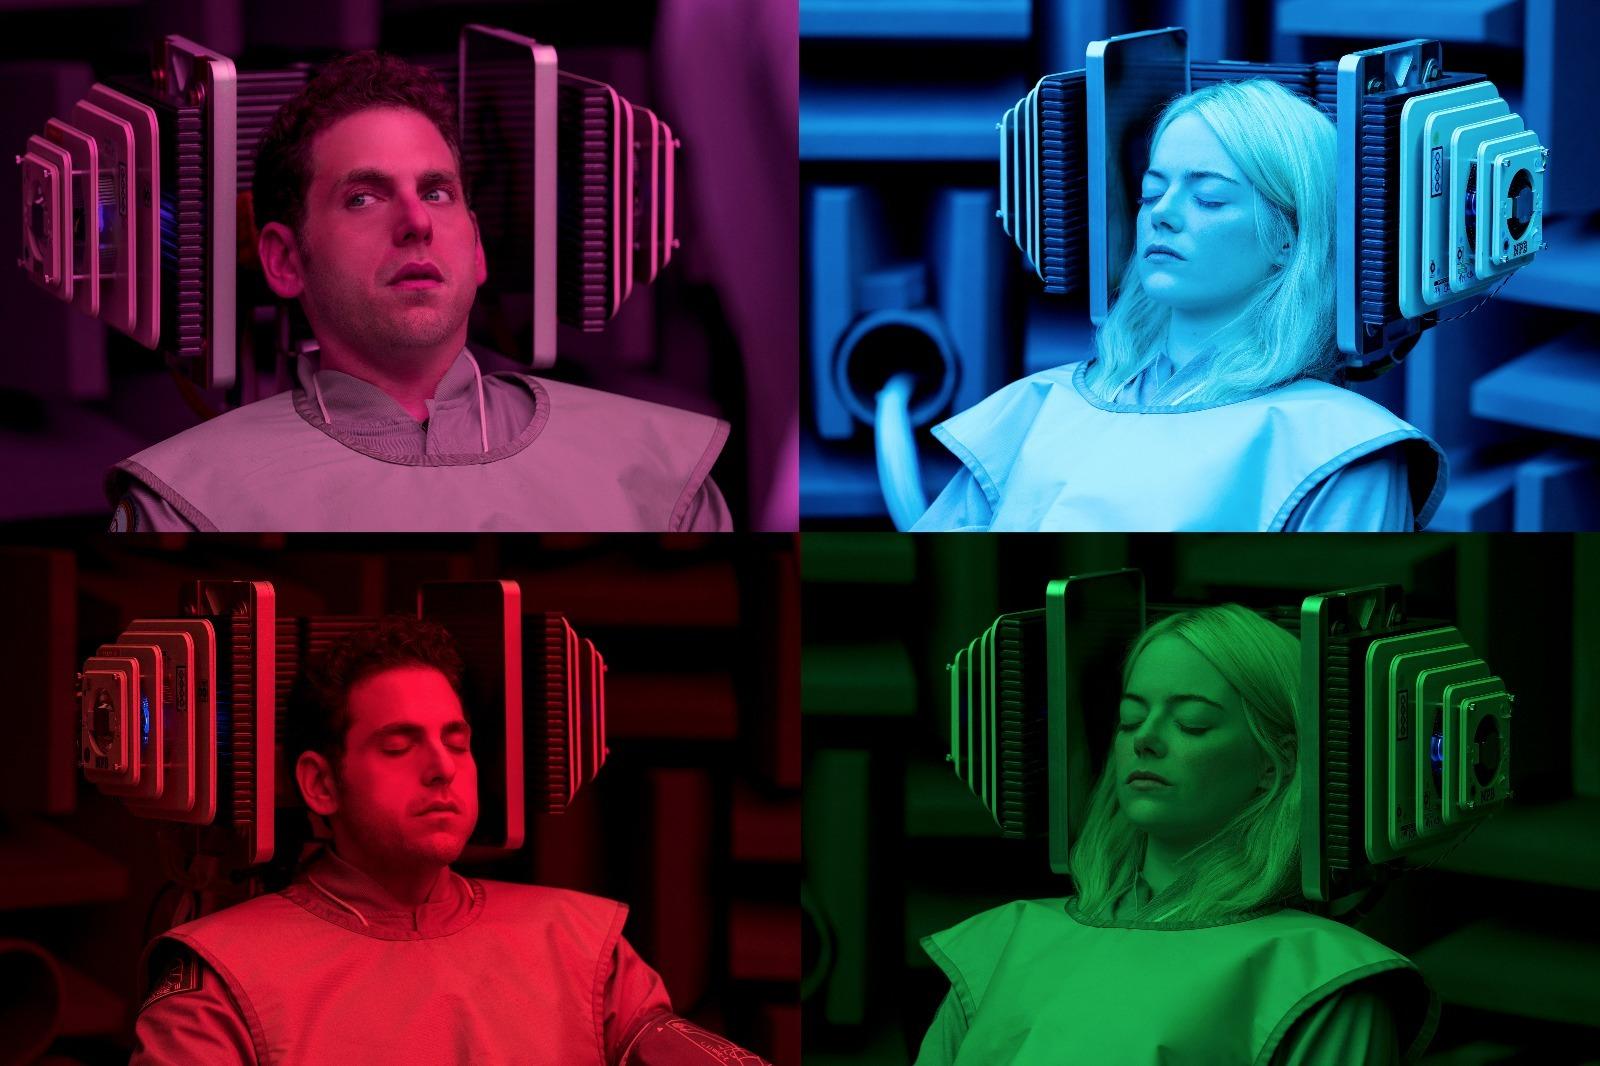 İzle: Netflix'in yeni dizisi 'Maniac'a dair yaptığımız video röportajlar